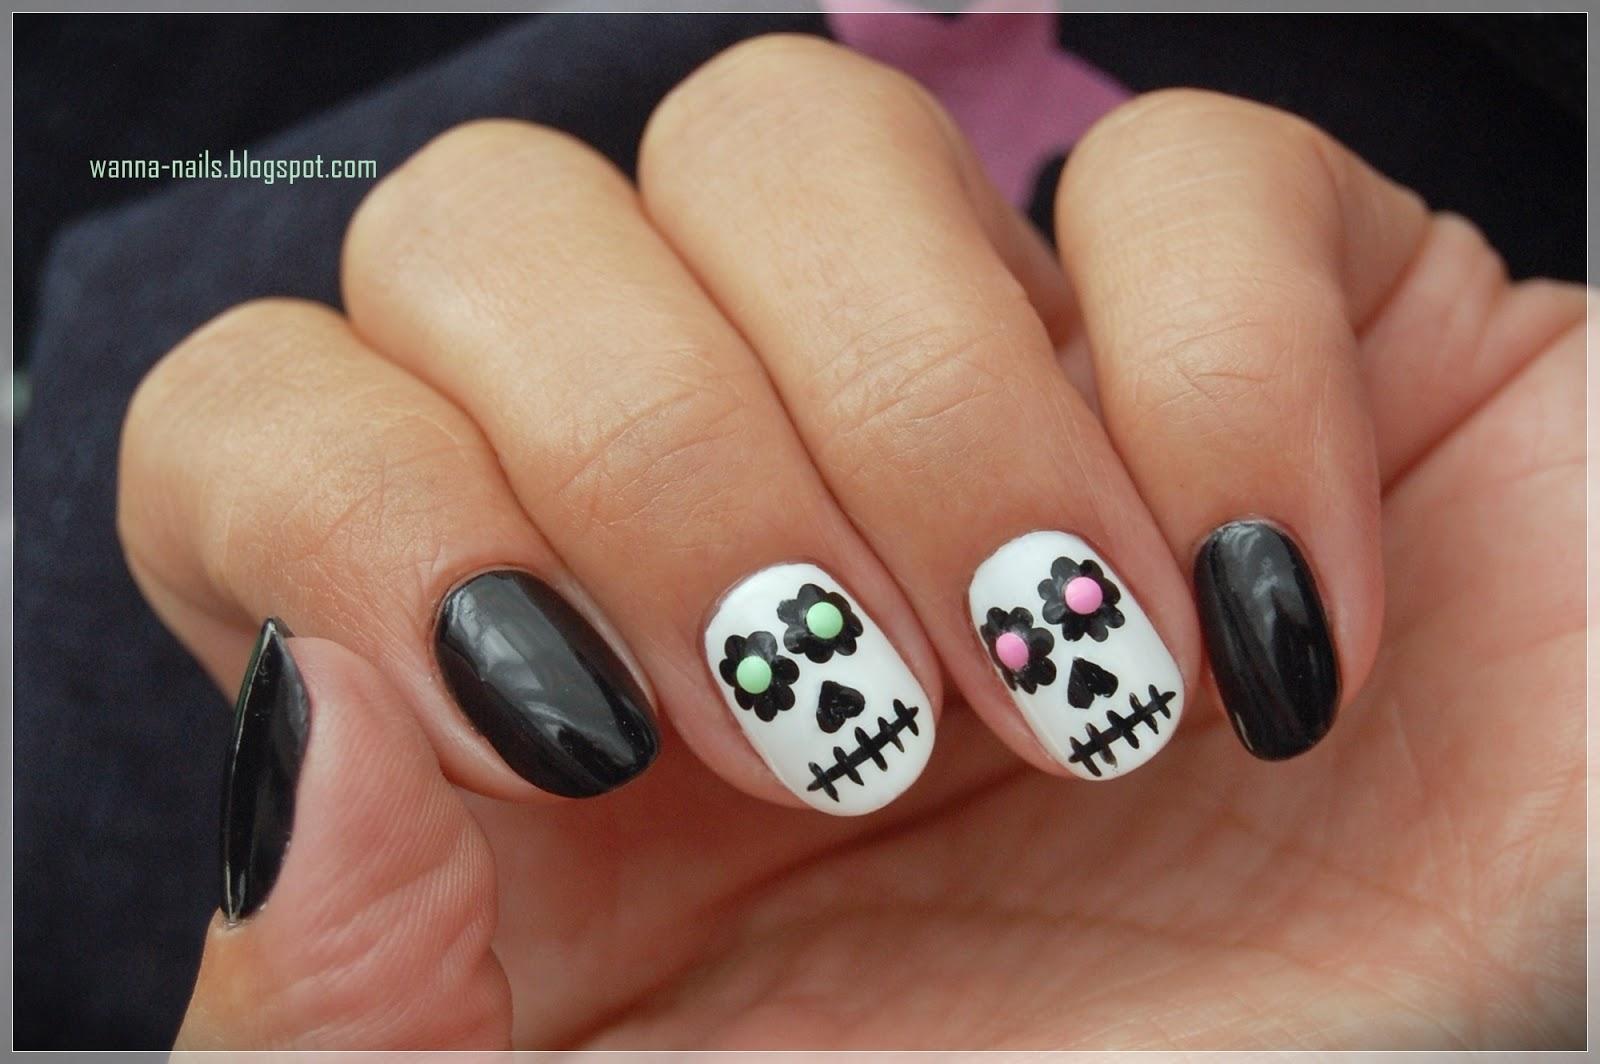 Wanna See My Nails